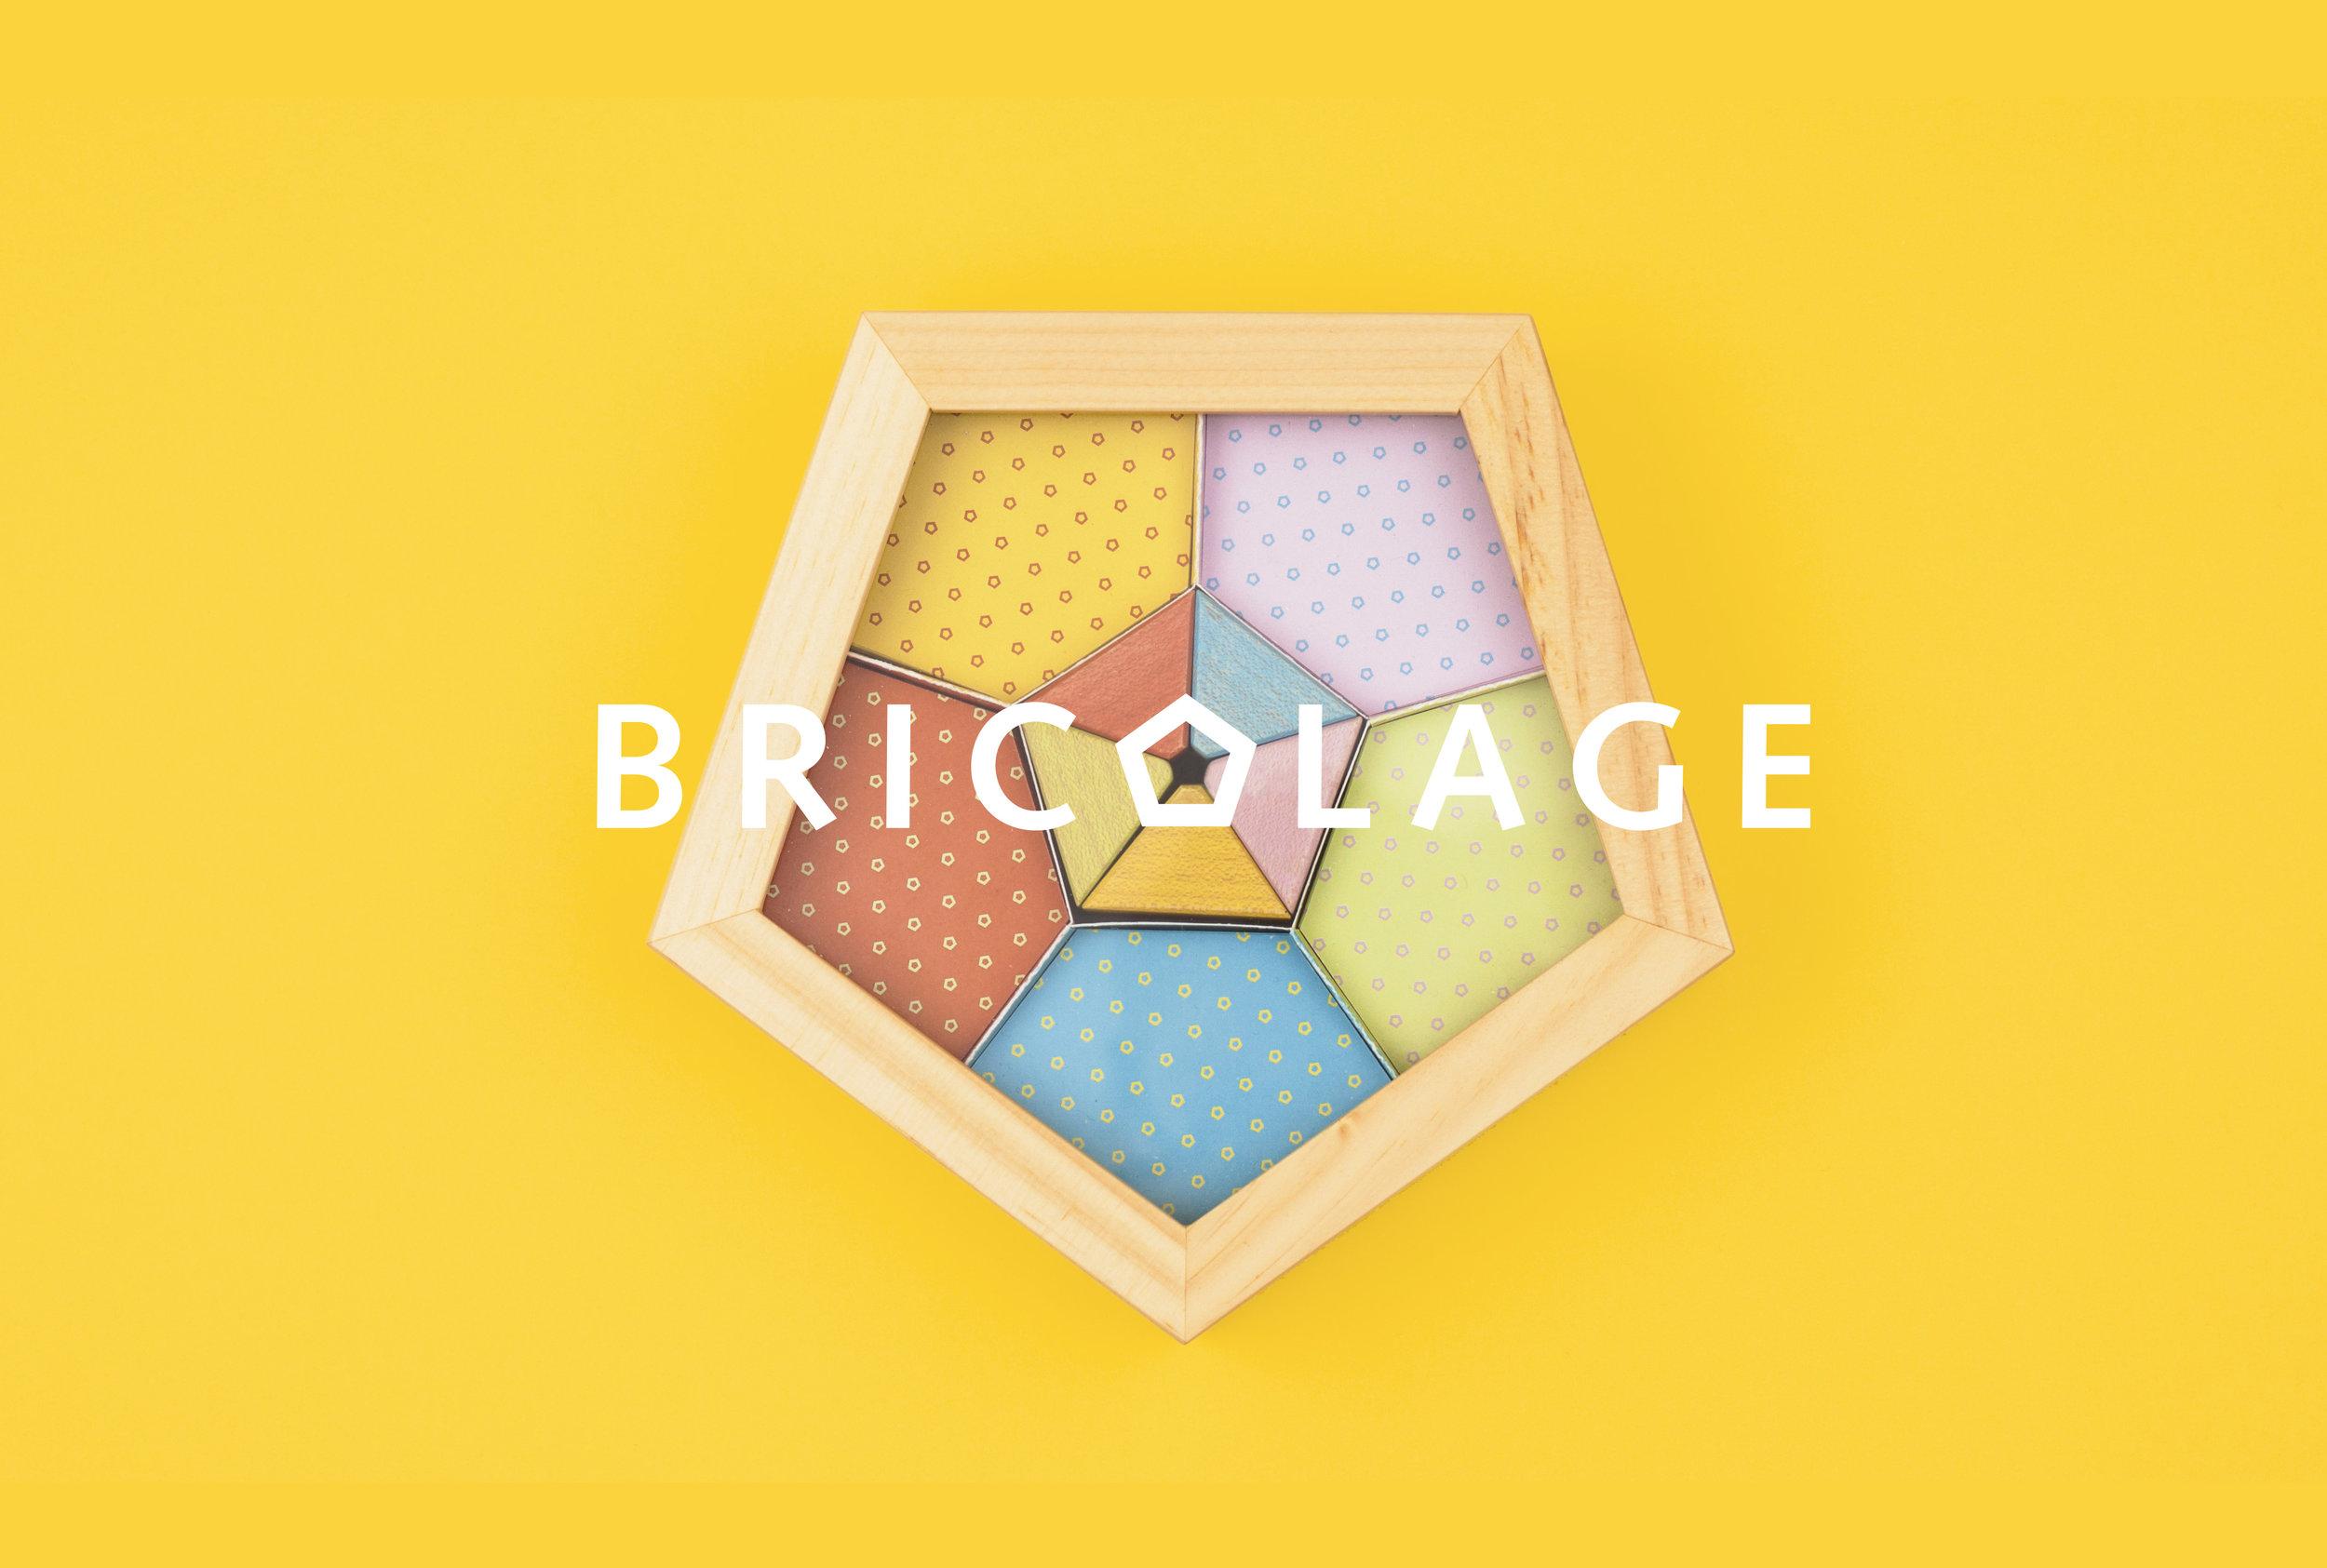 bricolage-update_alternate2.jpg